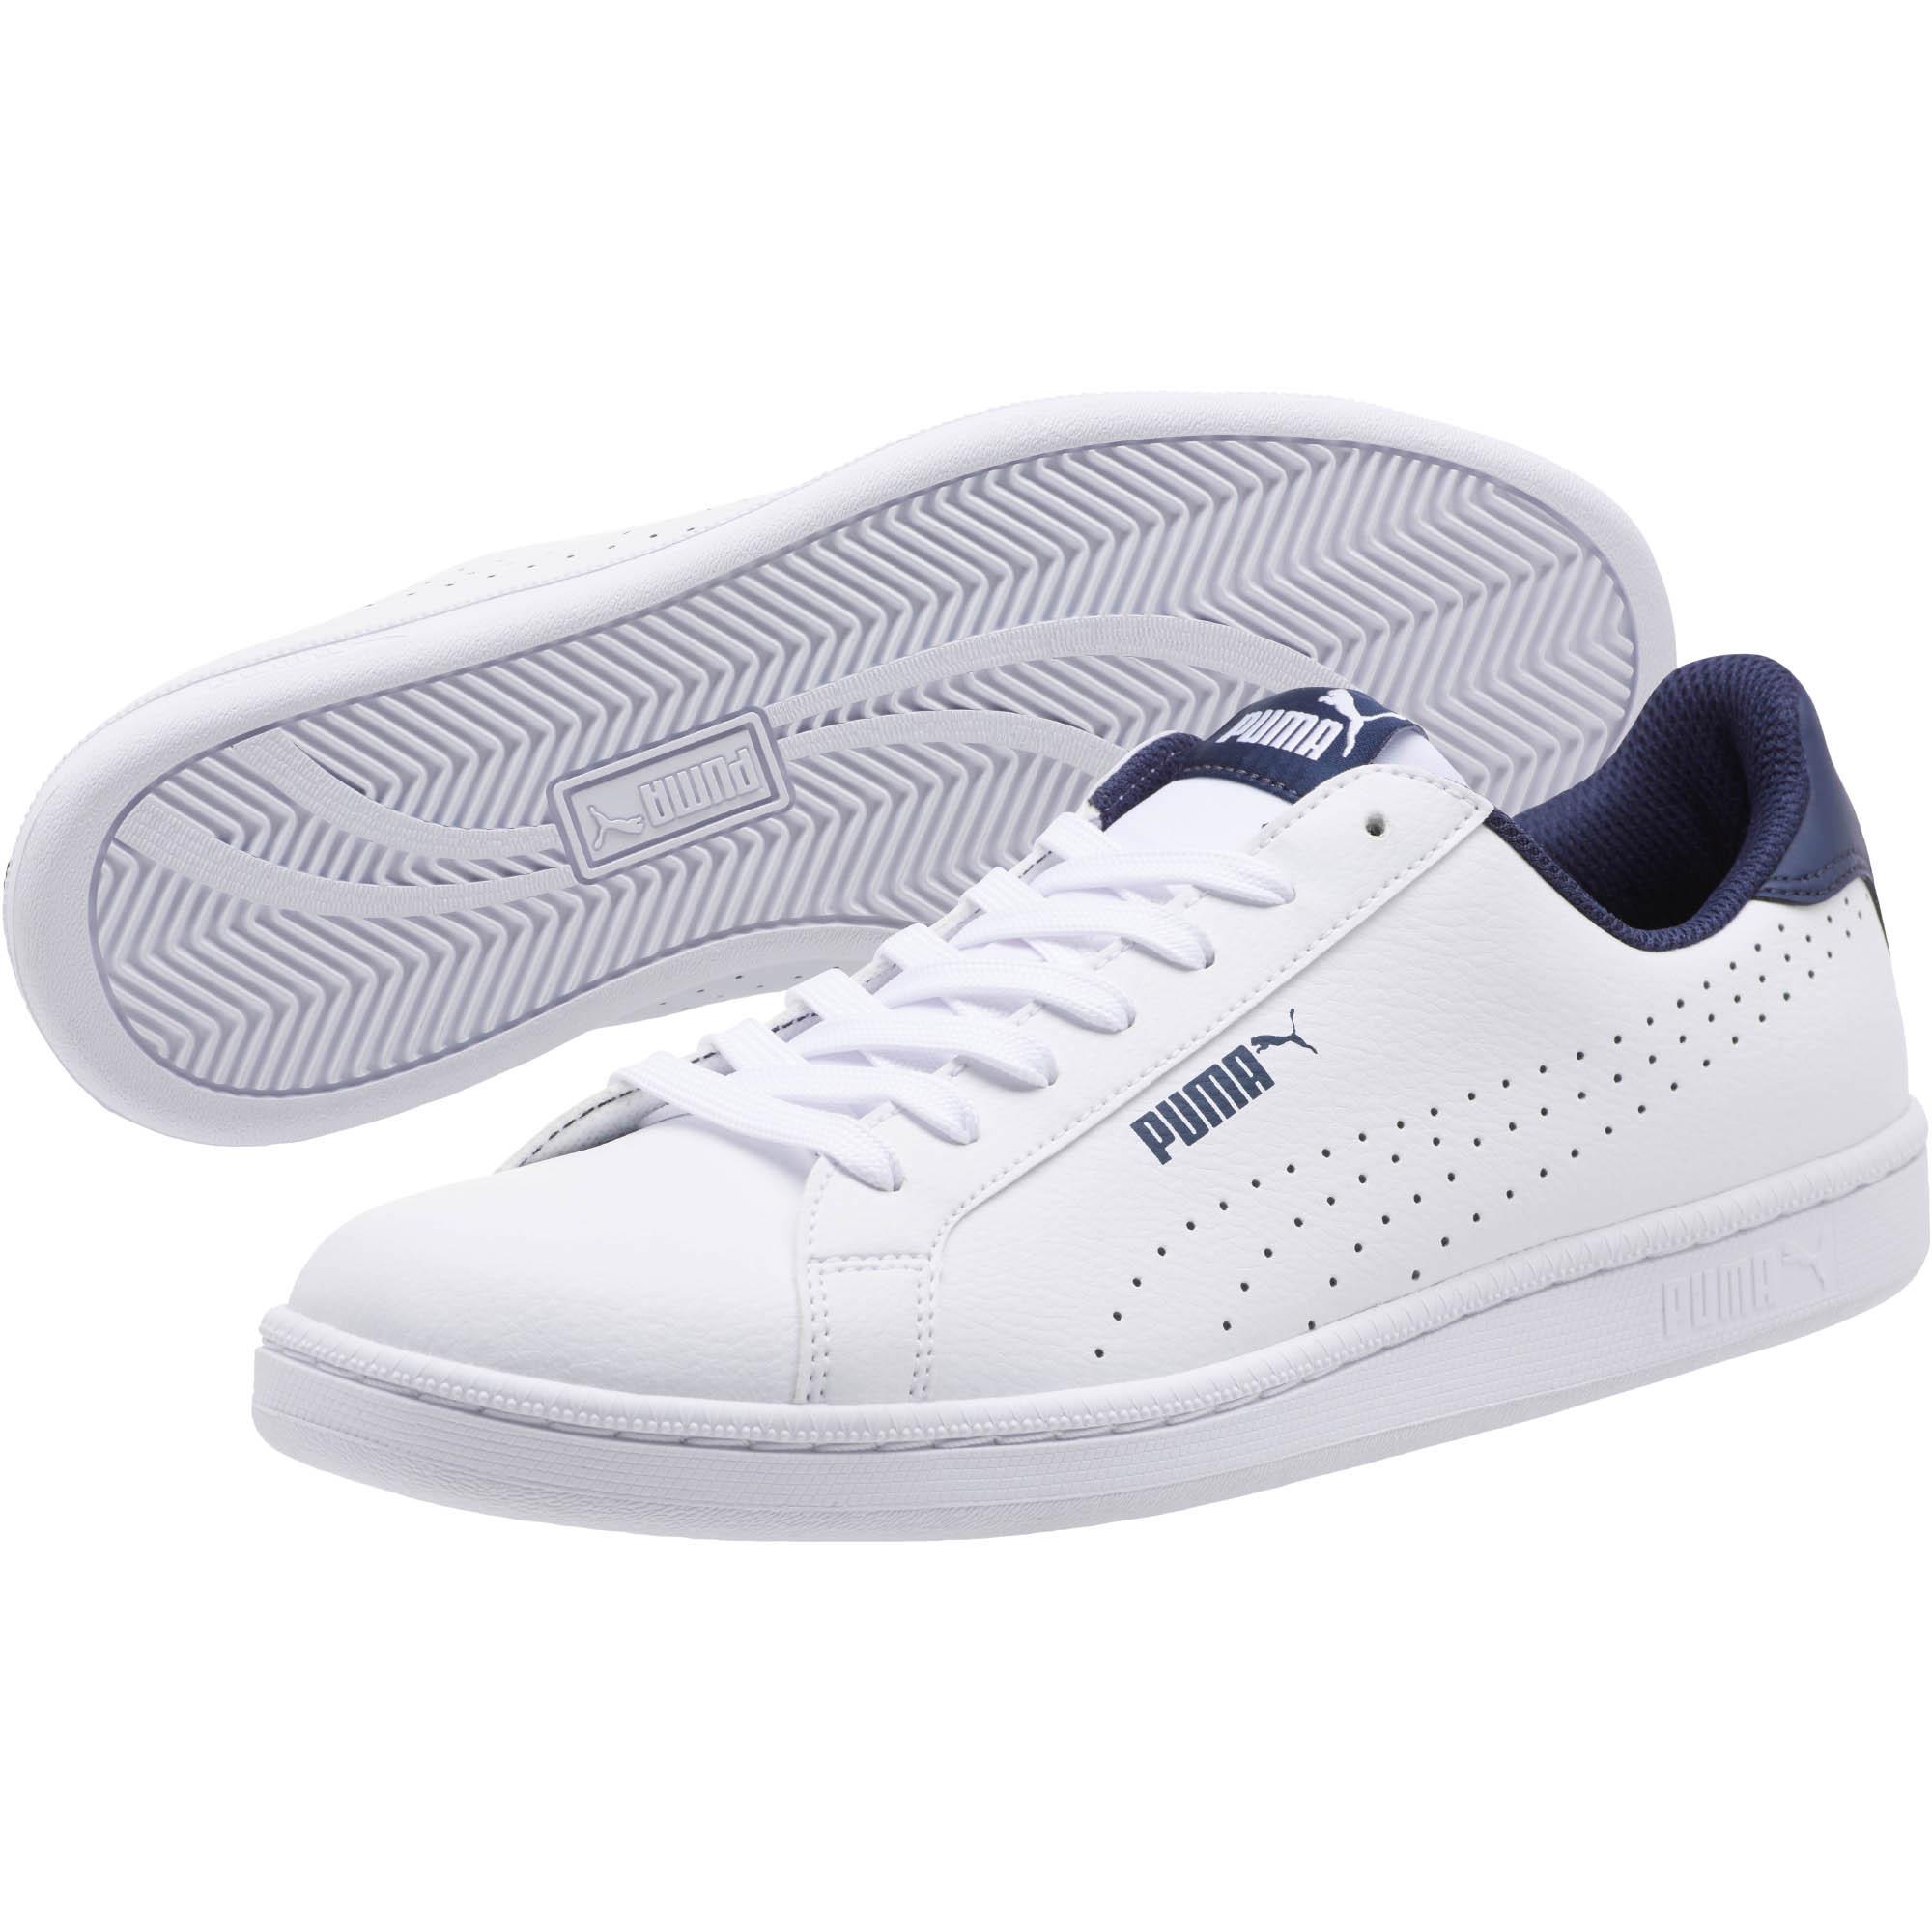 6ed4e48a577a49 Official Puma Store  PUMA Smash Perf Sneakers